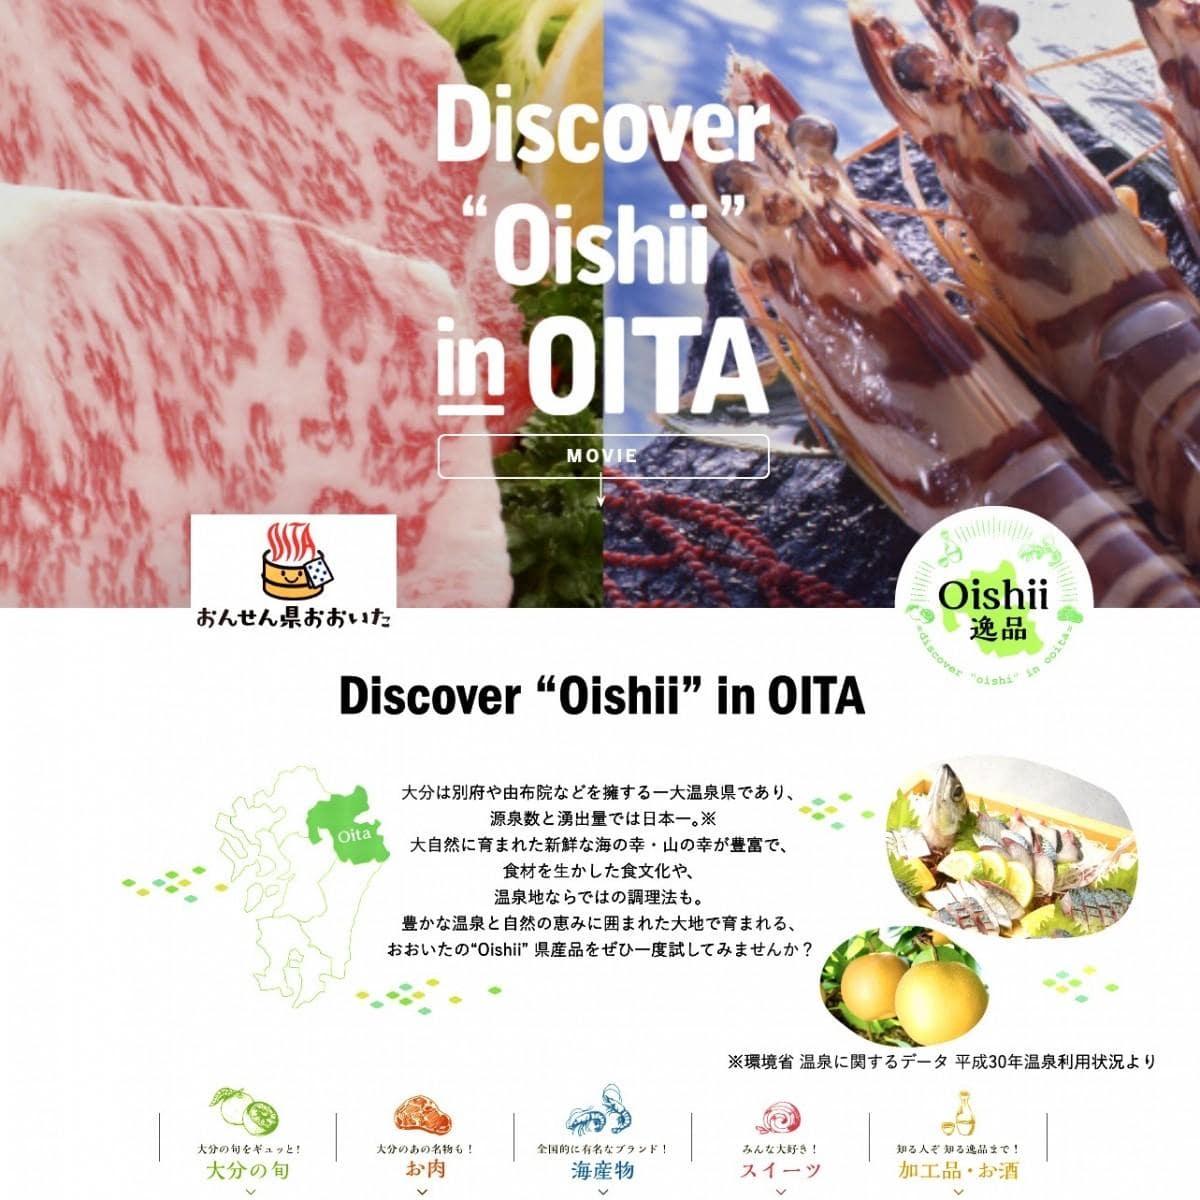 """特設ページ「Discover  """"Oishii"""" in OITA」"""